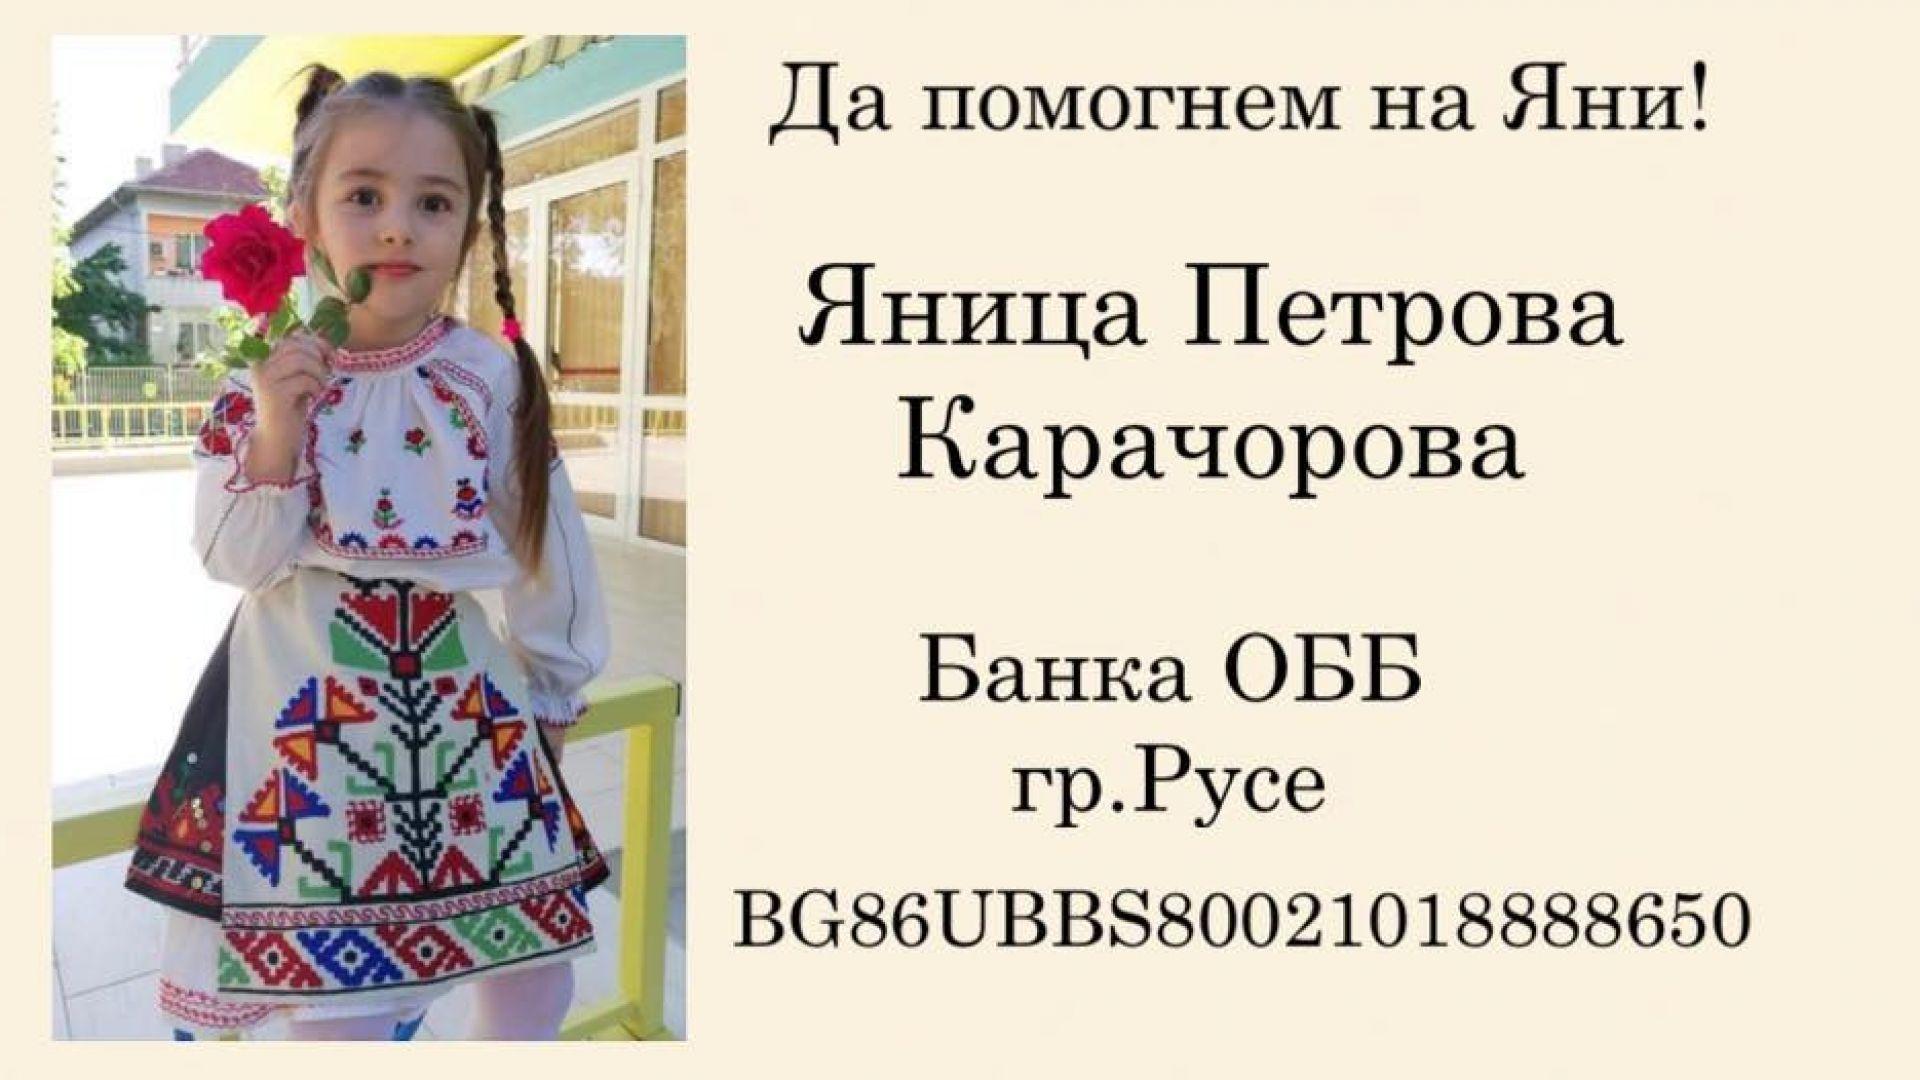 Детска градина събира средства за 6-годишната Яни за спешна операция